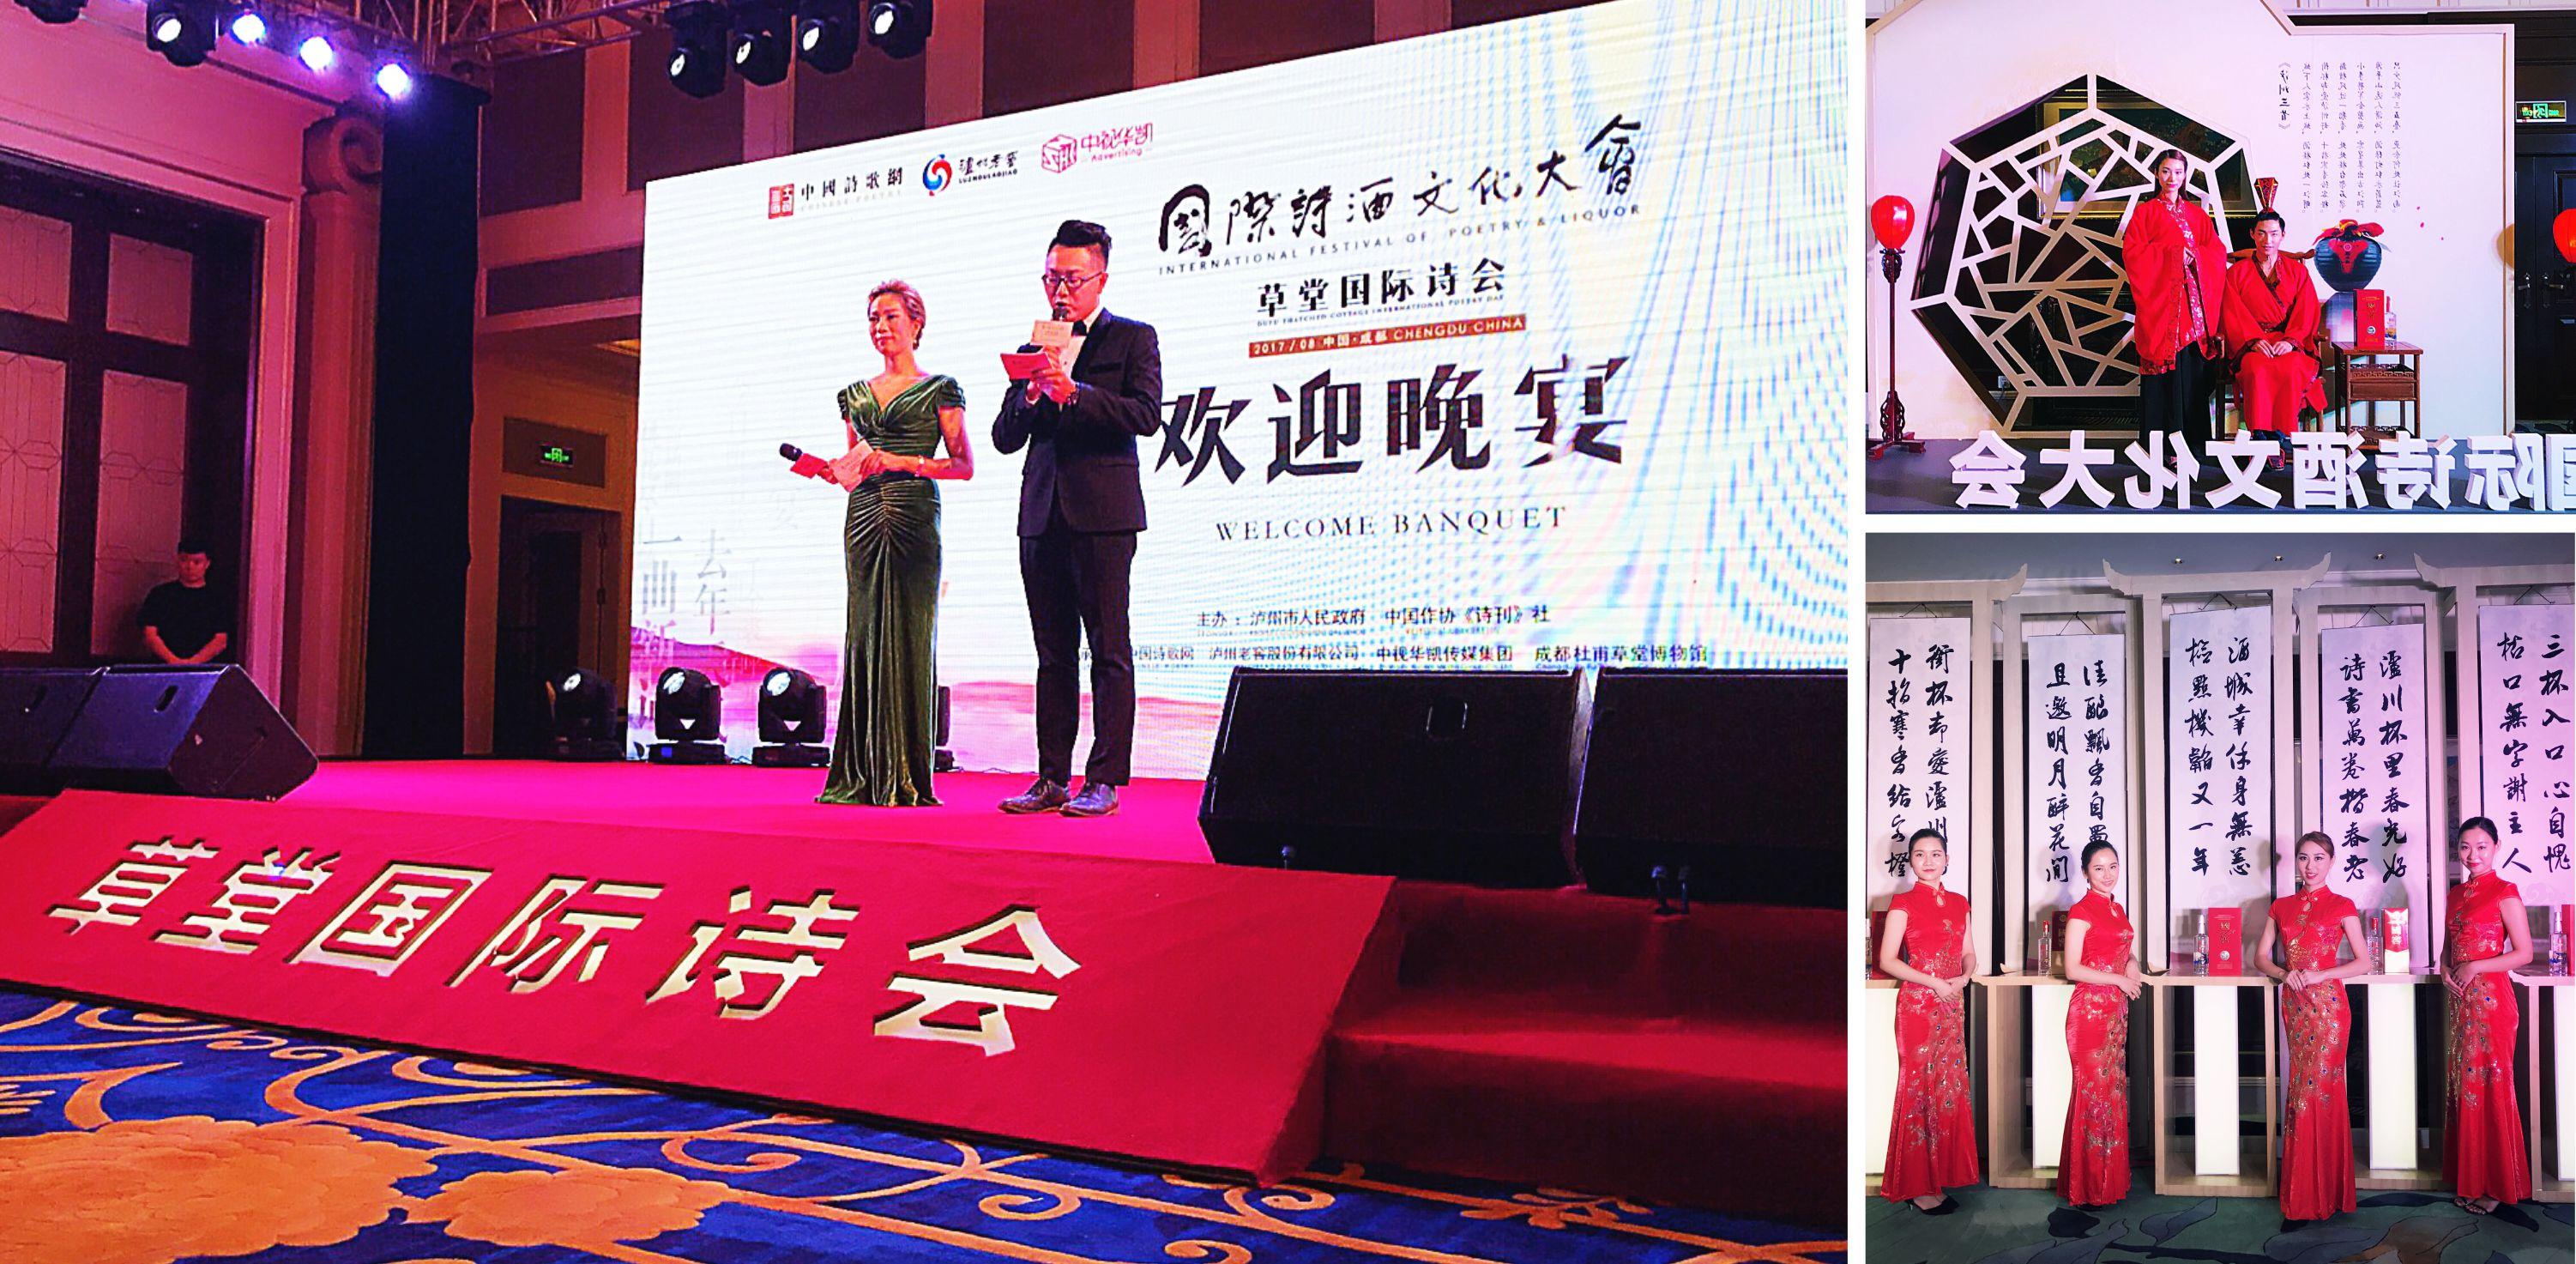 首届国际诗酒文化大会·草堂国际诗会开幕